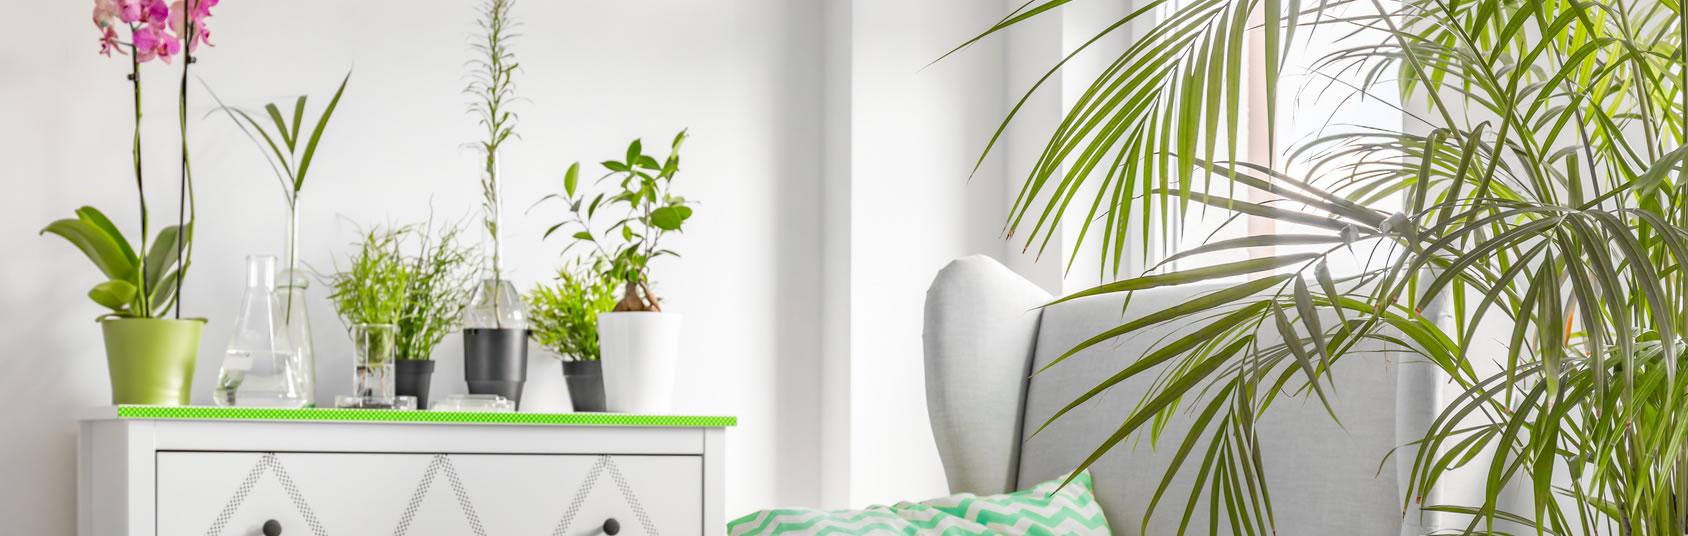 pflanzenvermietung elsterwerda pflanzen vermieten pflanzen f r winter blumen f r sommer. Black Bedroom Furniture Sets. Home Design Ideas